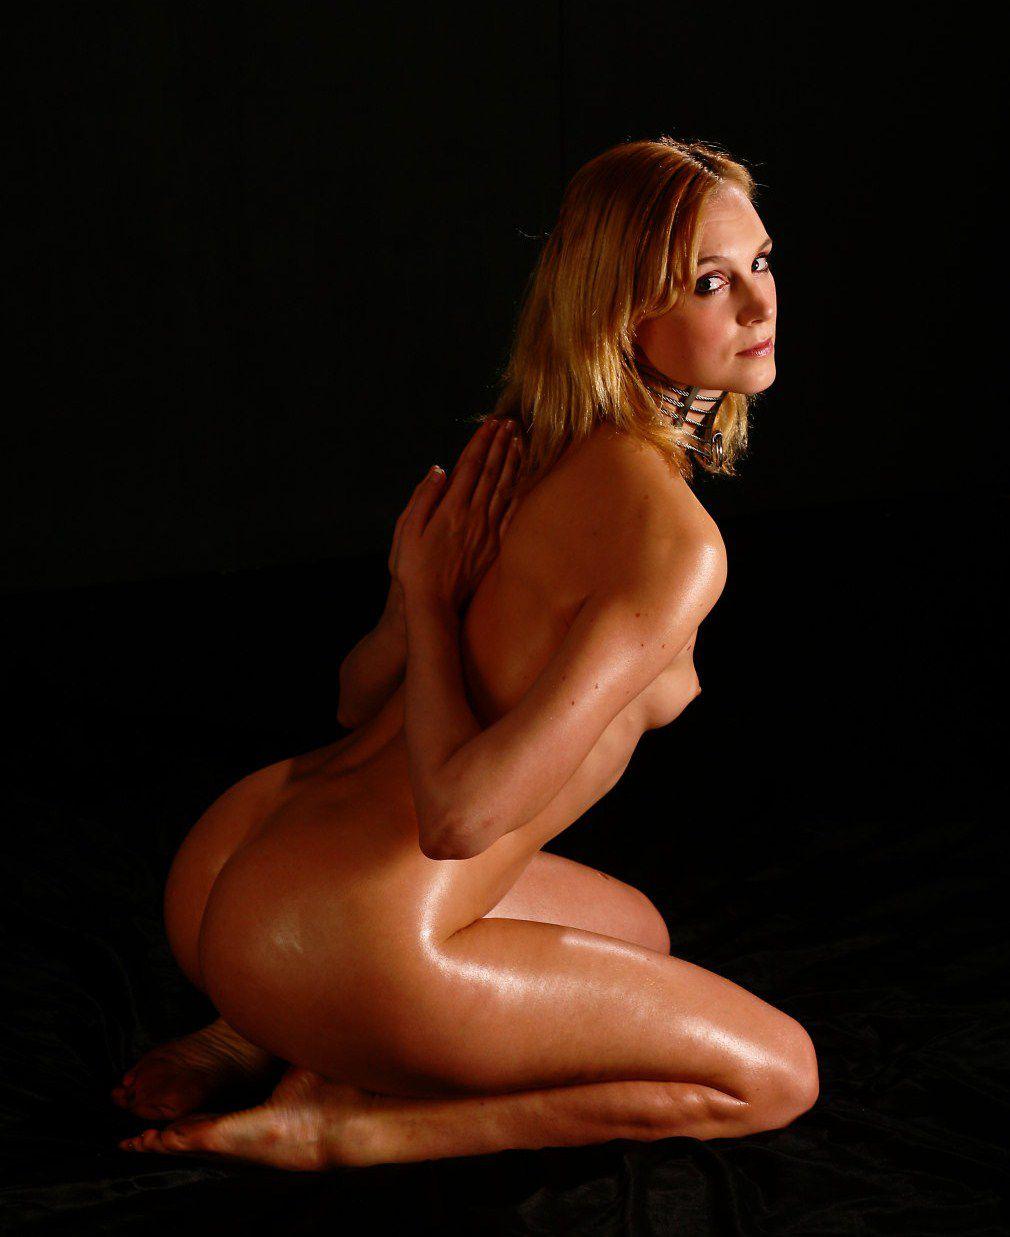 rosario dawson real nude